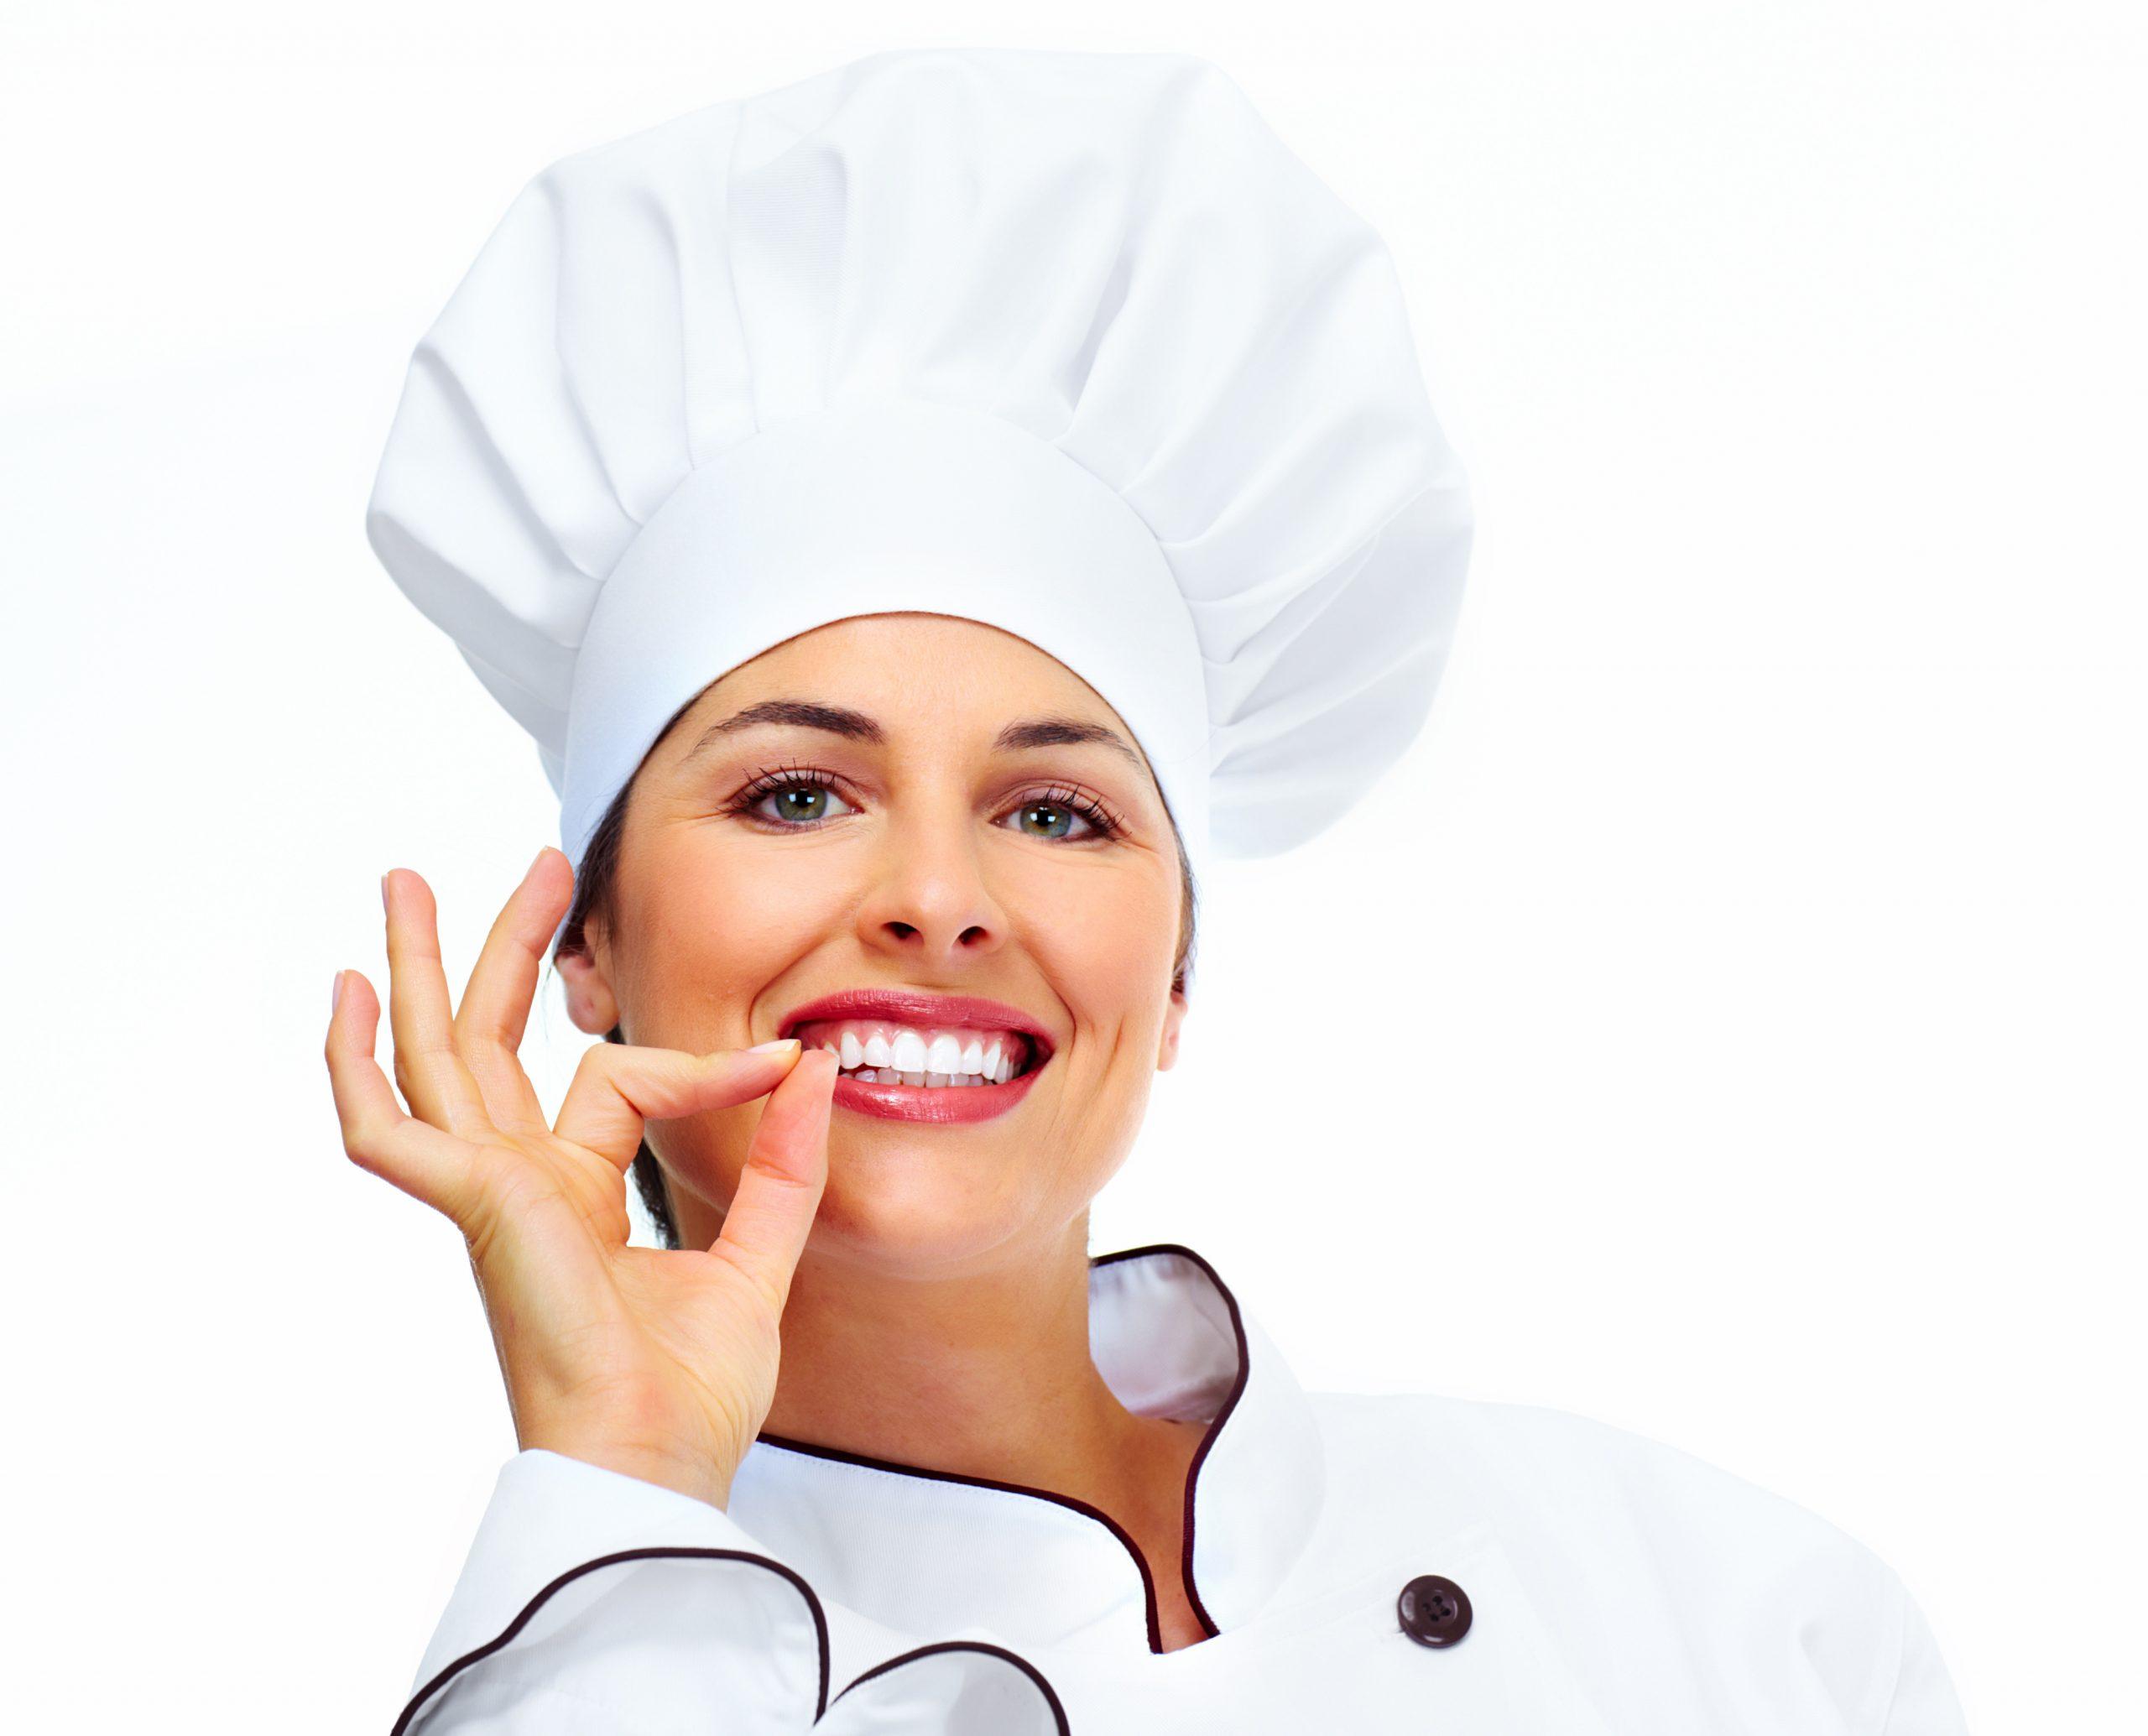 Chef Saltimbocca